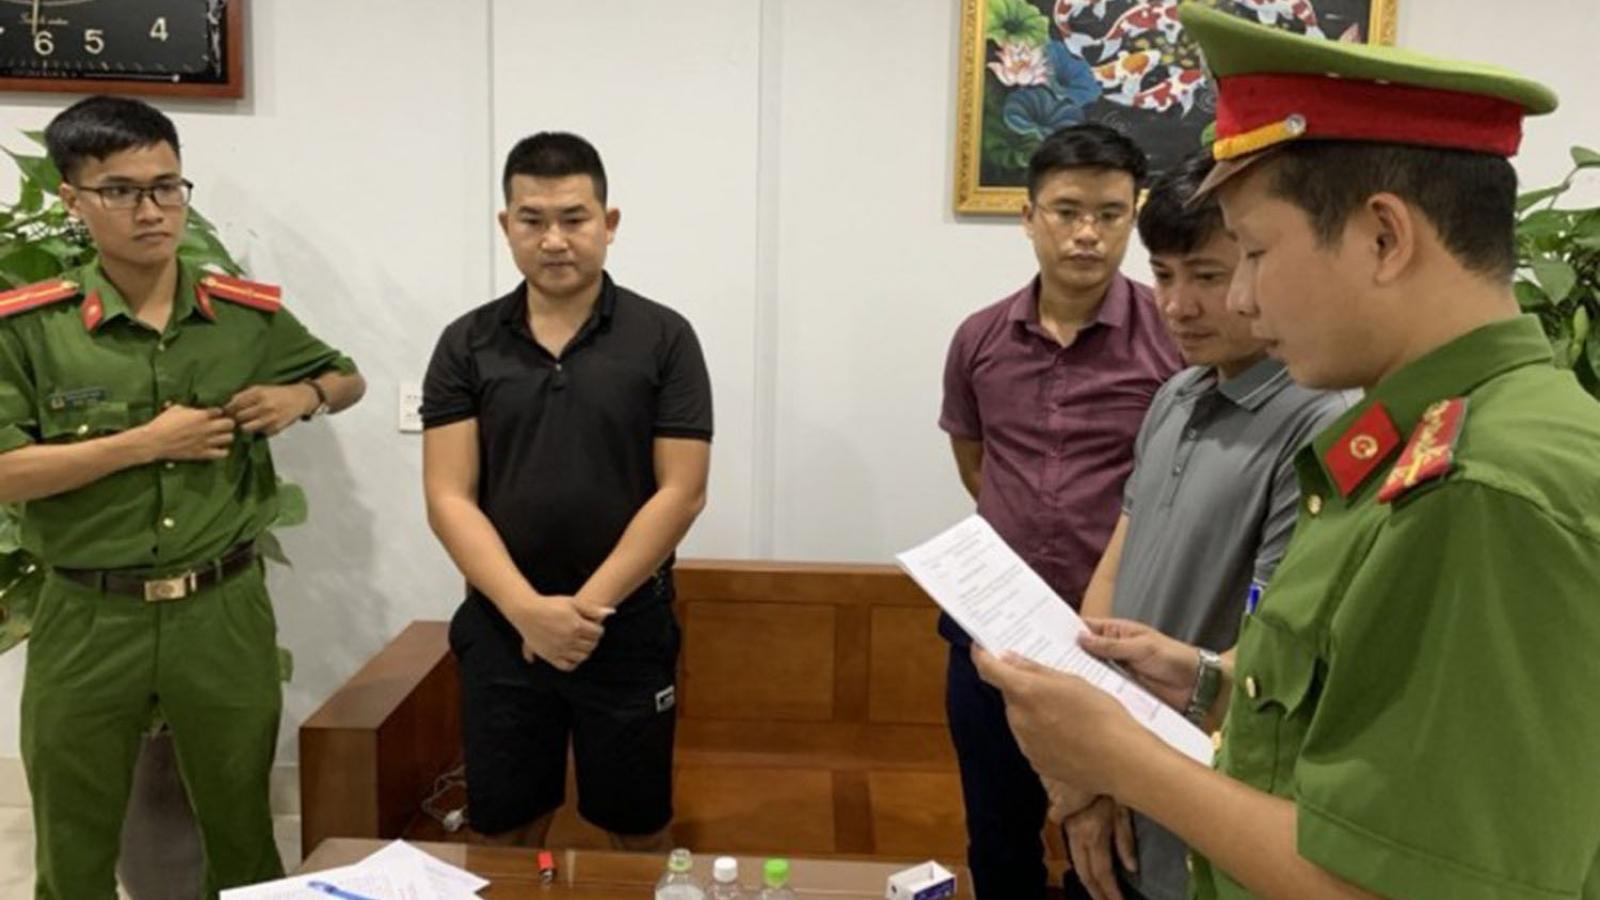 Quảng Bình: Triệt phá đường dây đánh bạc, phát hiện hơn 50 đối tượng liên quan